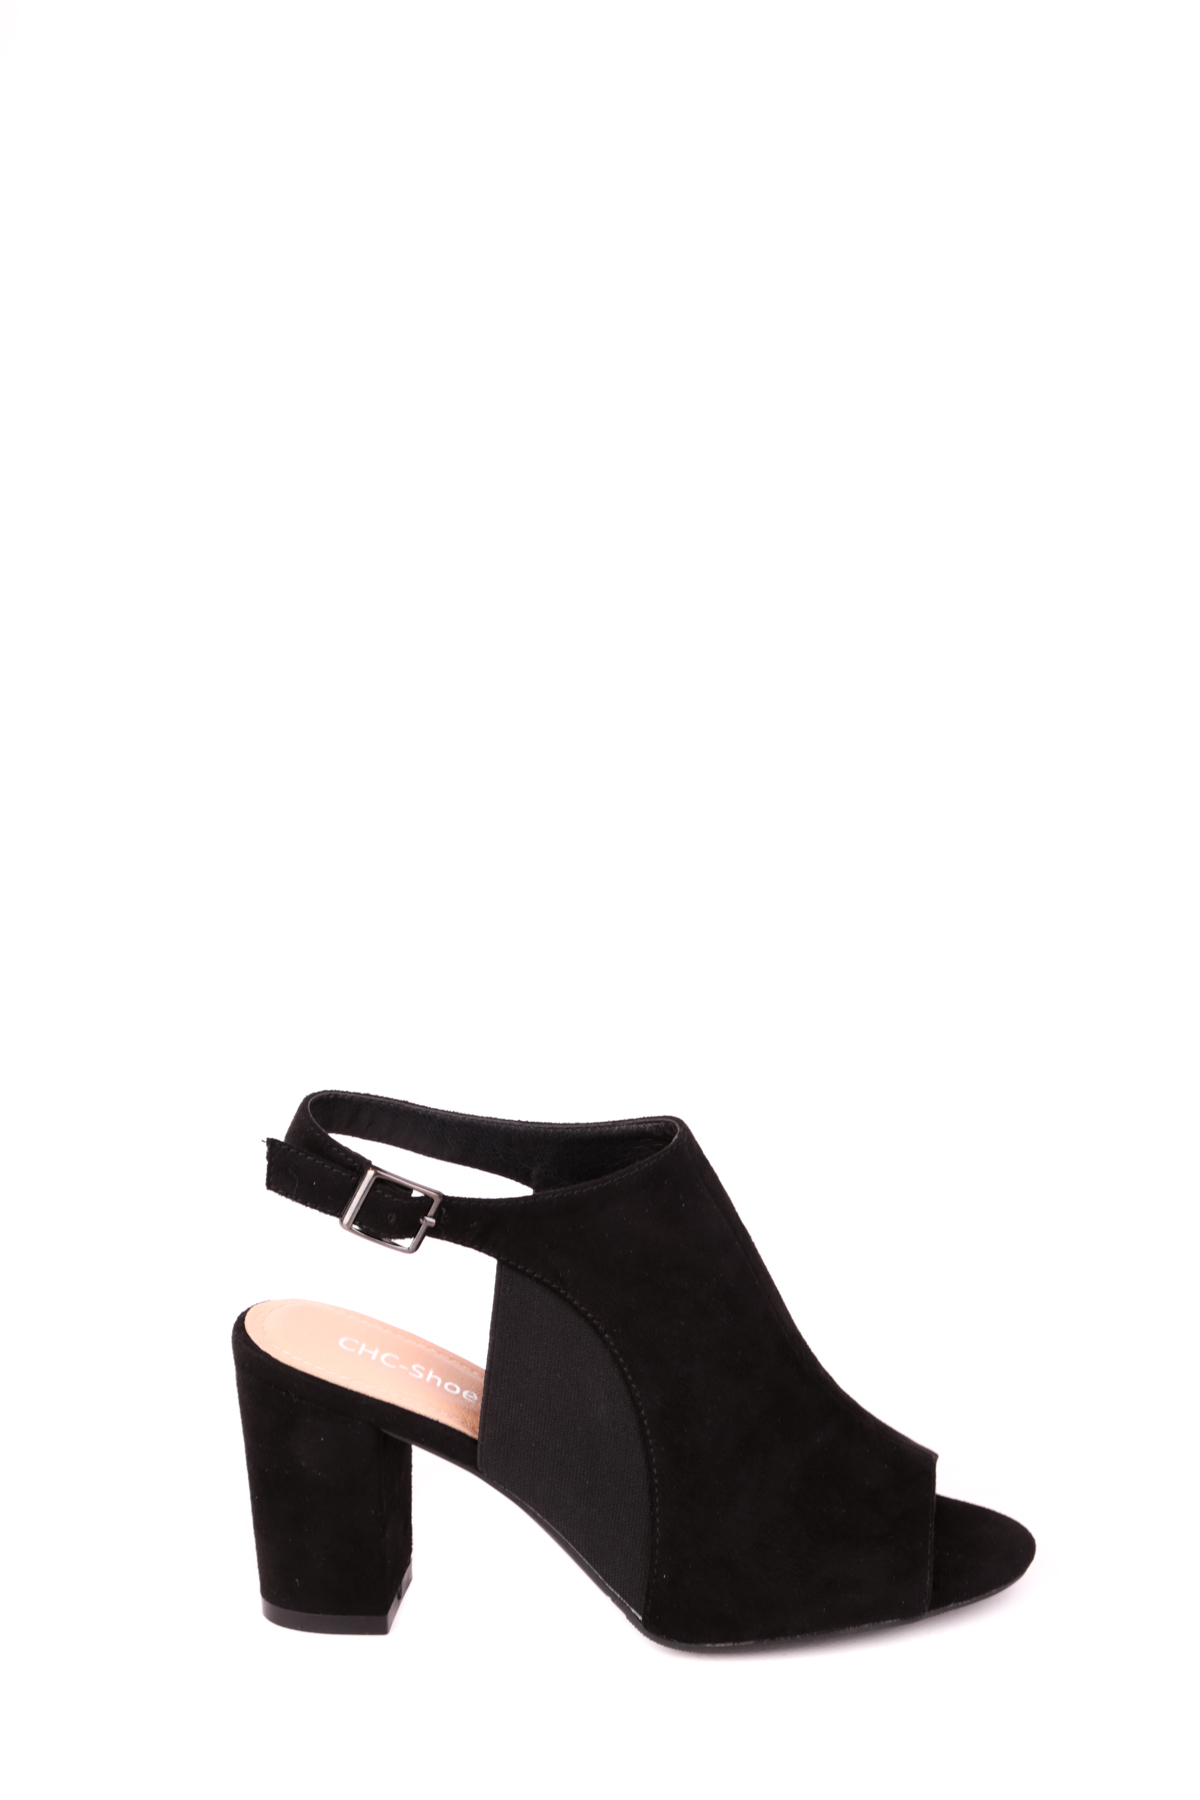 Sandales Chaussures Noir CHC Shoes N18-231 #c eFashion Paris